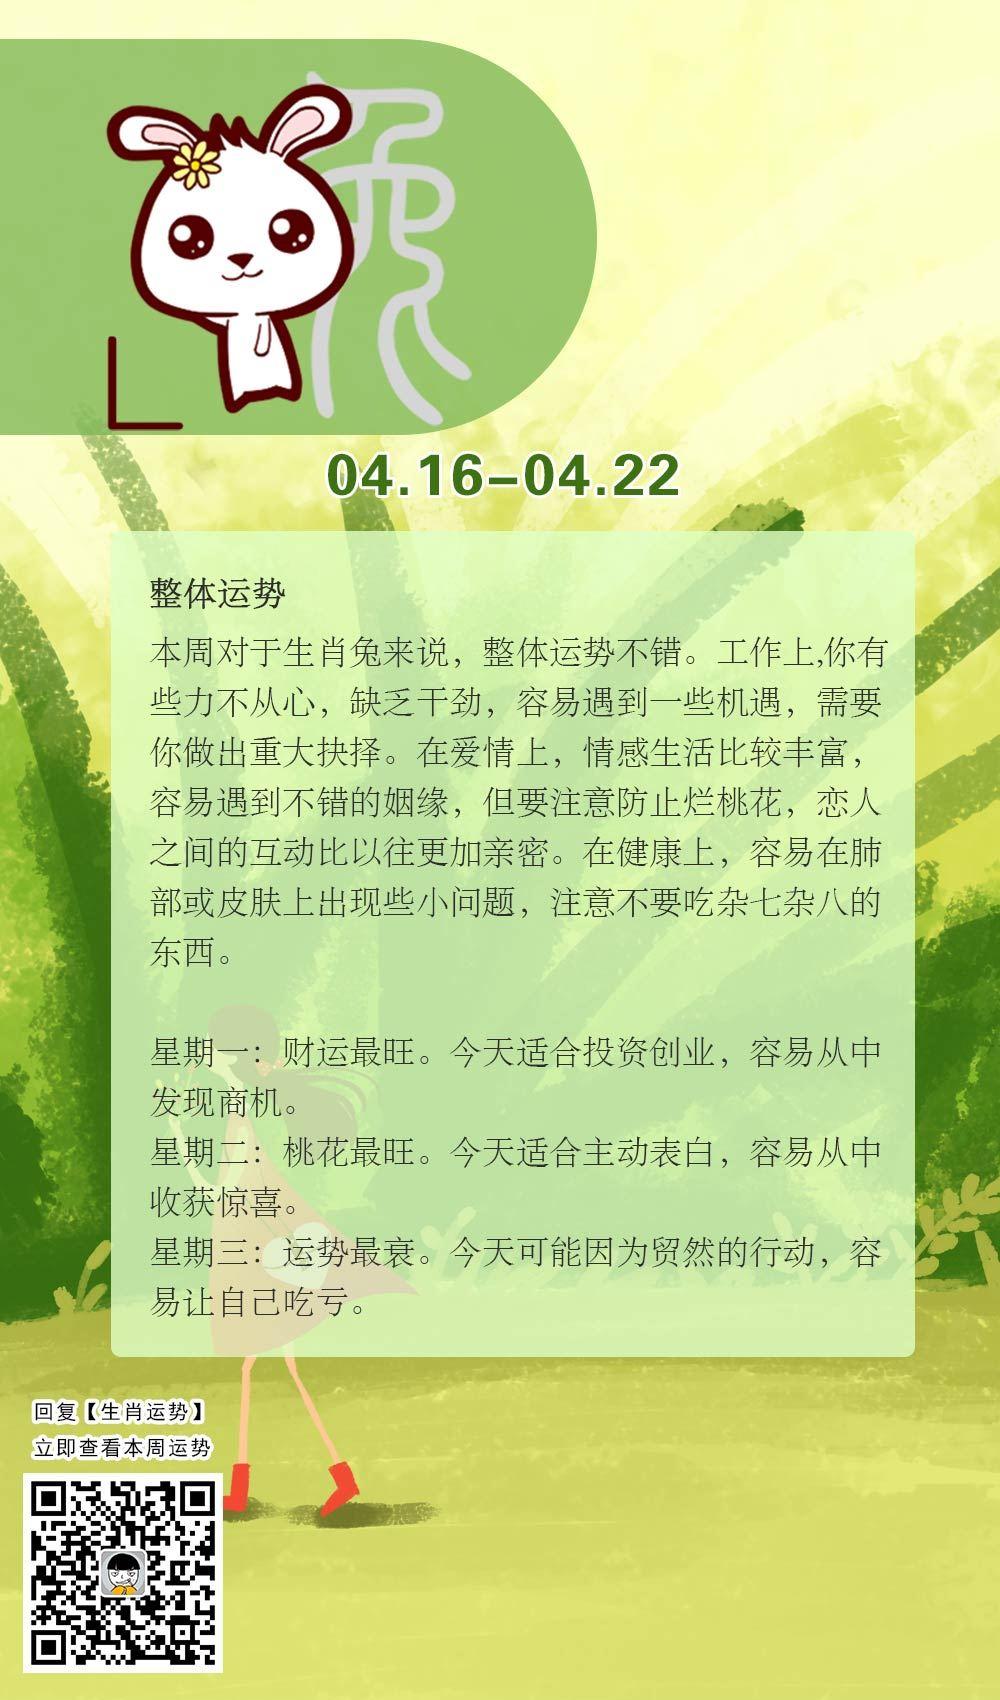 生肖兔本周运势【2018.04.16-04.22】